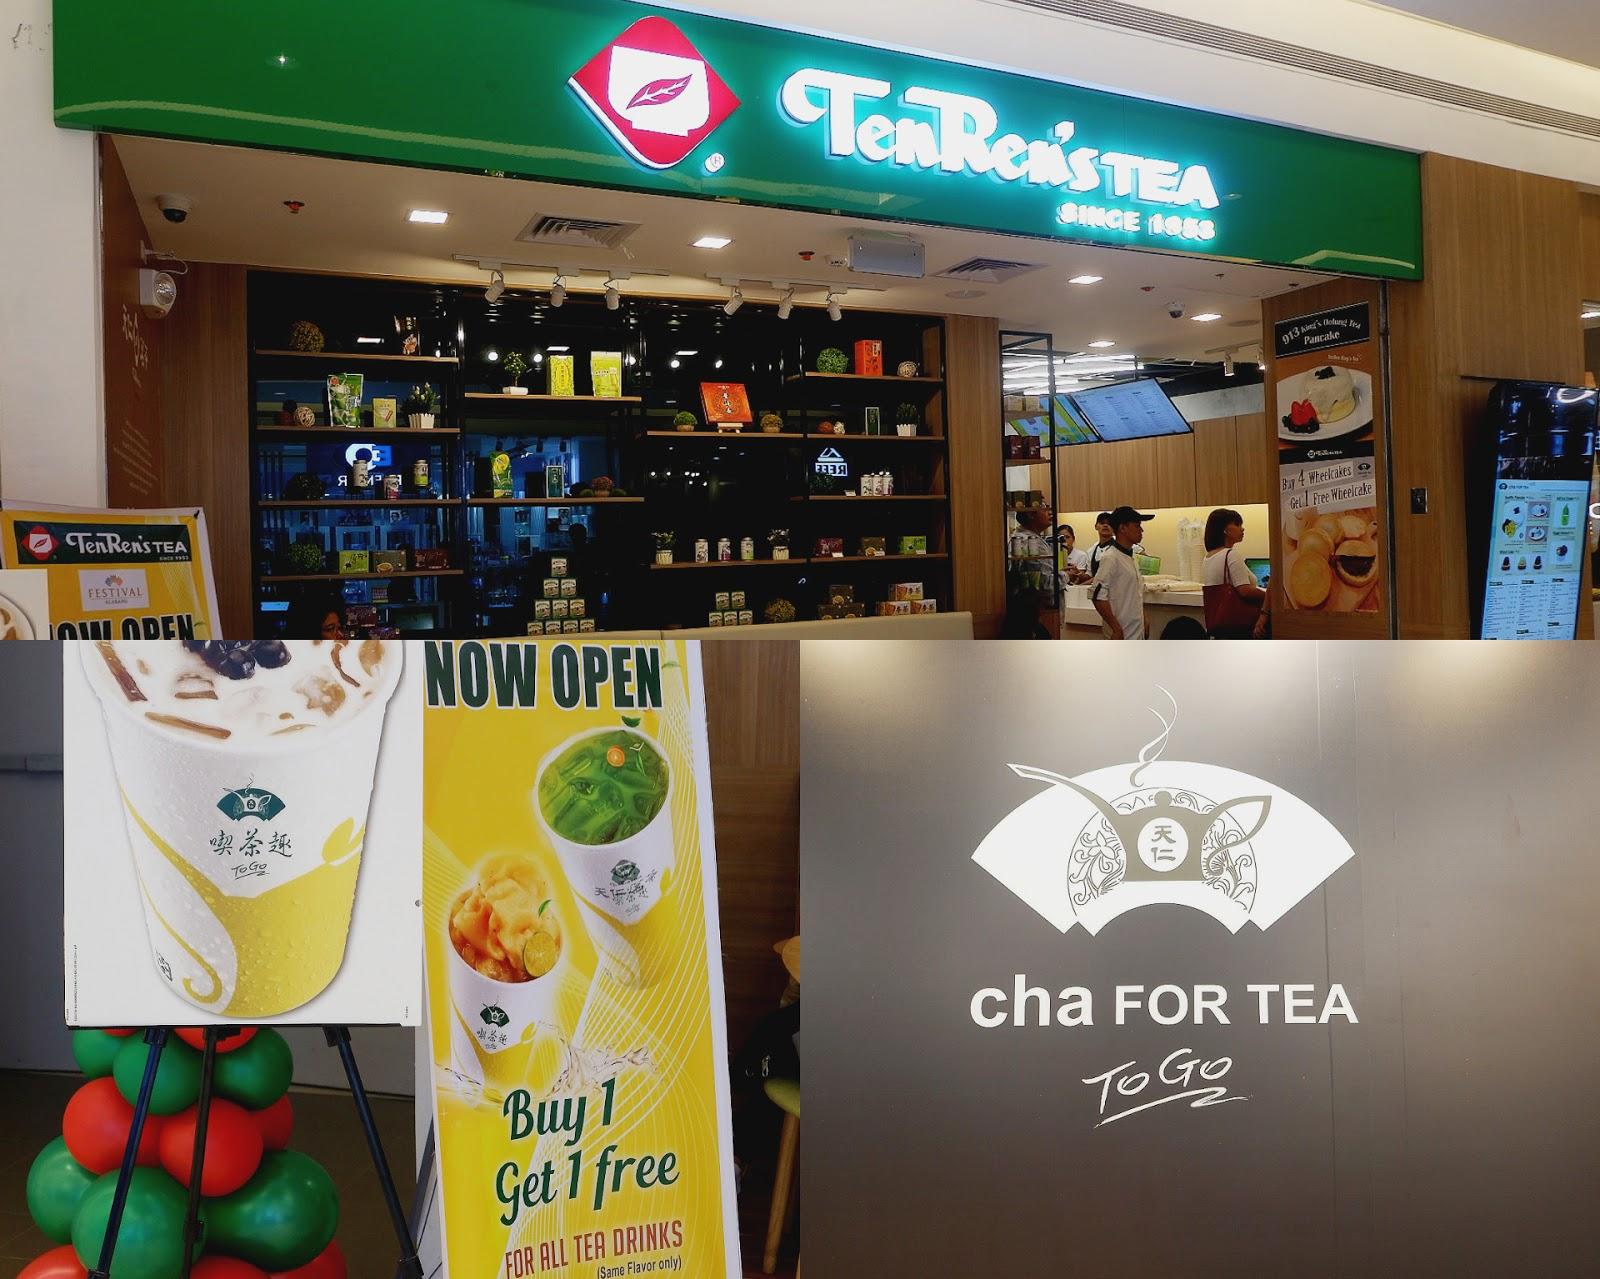 ten ren tea opens their 3rd branch in the Philippines